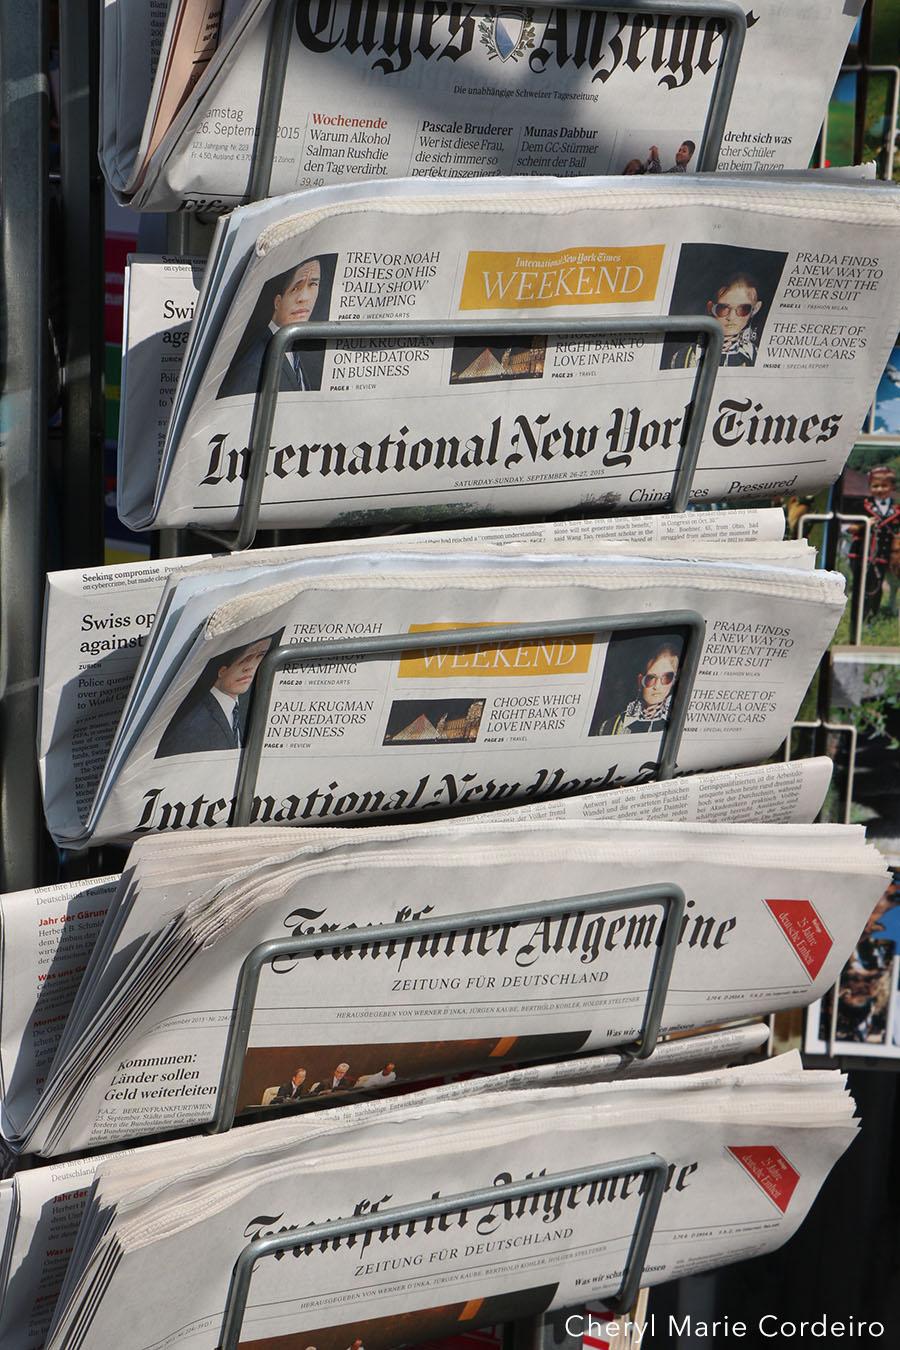 News stand, Zürich, Switzerland